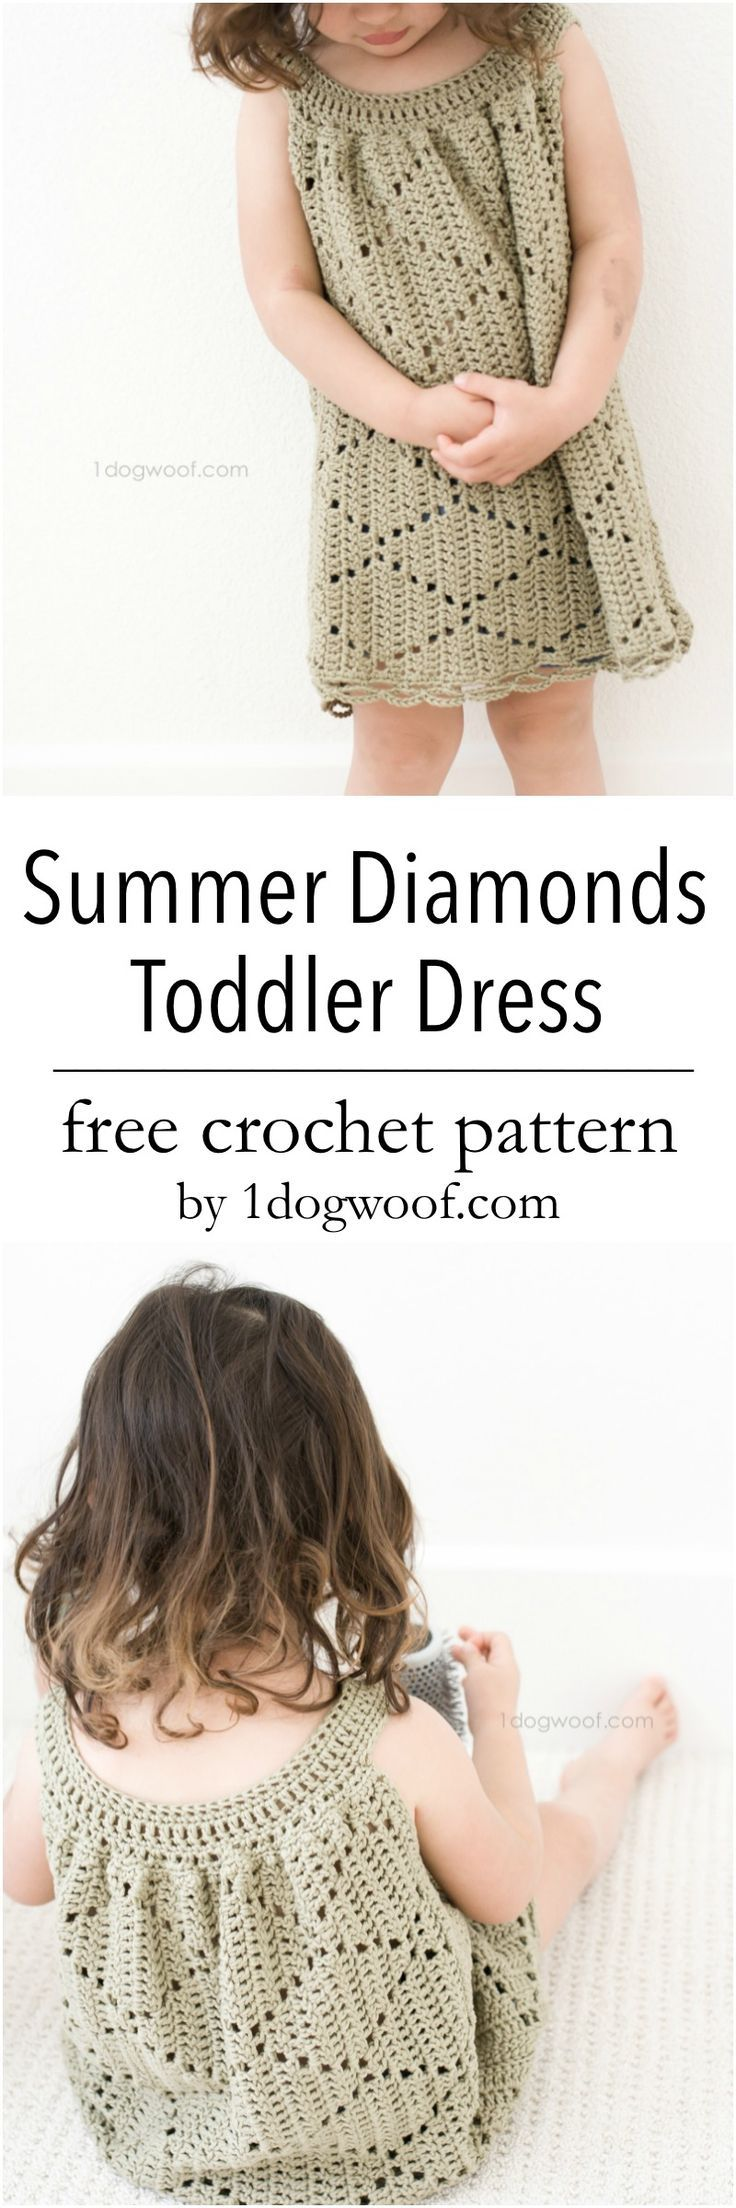 Pinterestteki 25den fazla en iyi crochet toddler dress fikri free crochet pattern to make an adorable dress for a little girl features a fun bankloansurffo Image collections